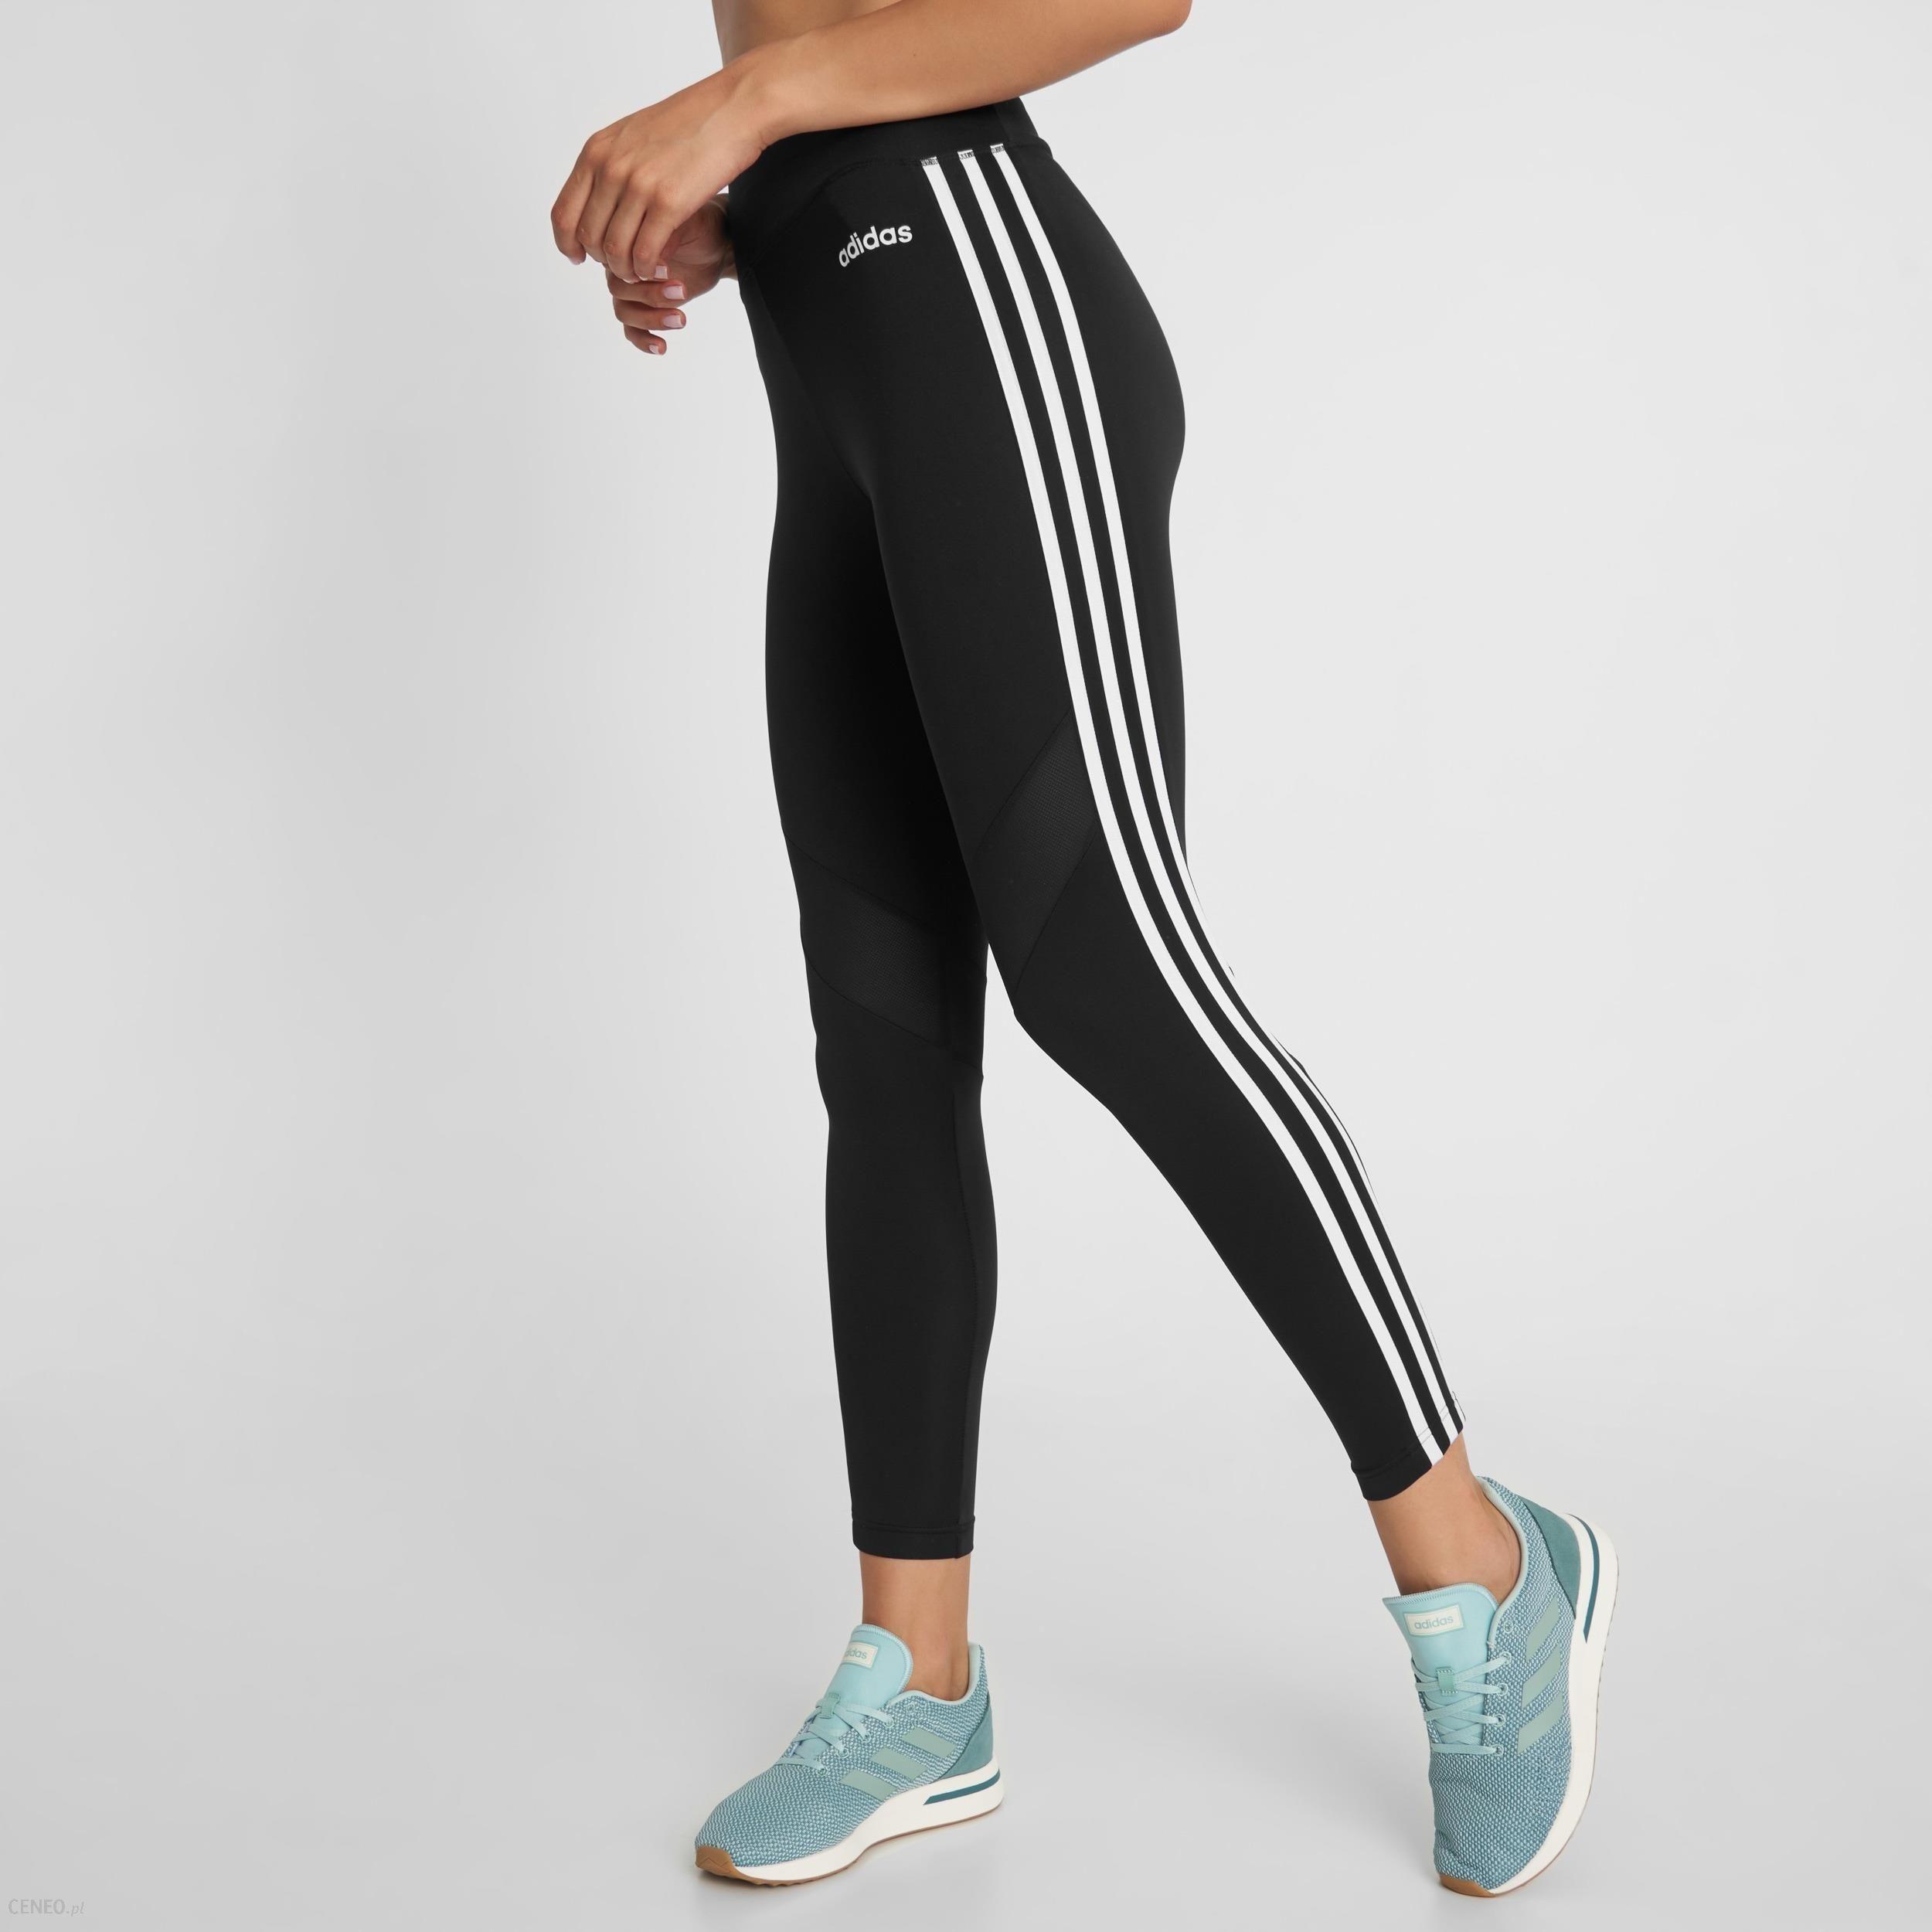 Adidas Damskie Spodnie D2M 3S Ei6188 Ceny i opinie Ceneo.pl